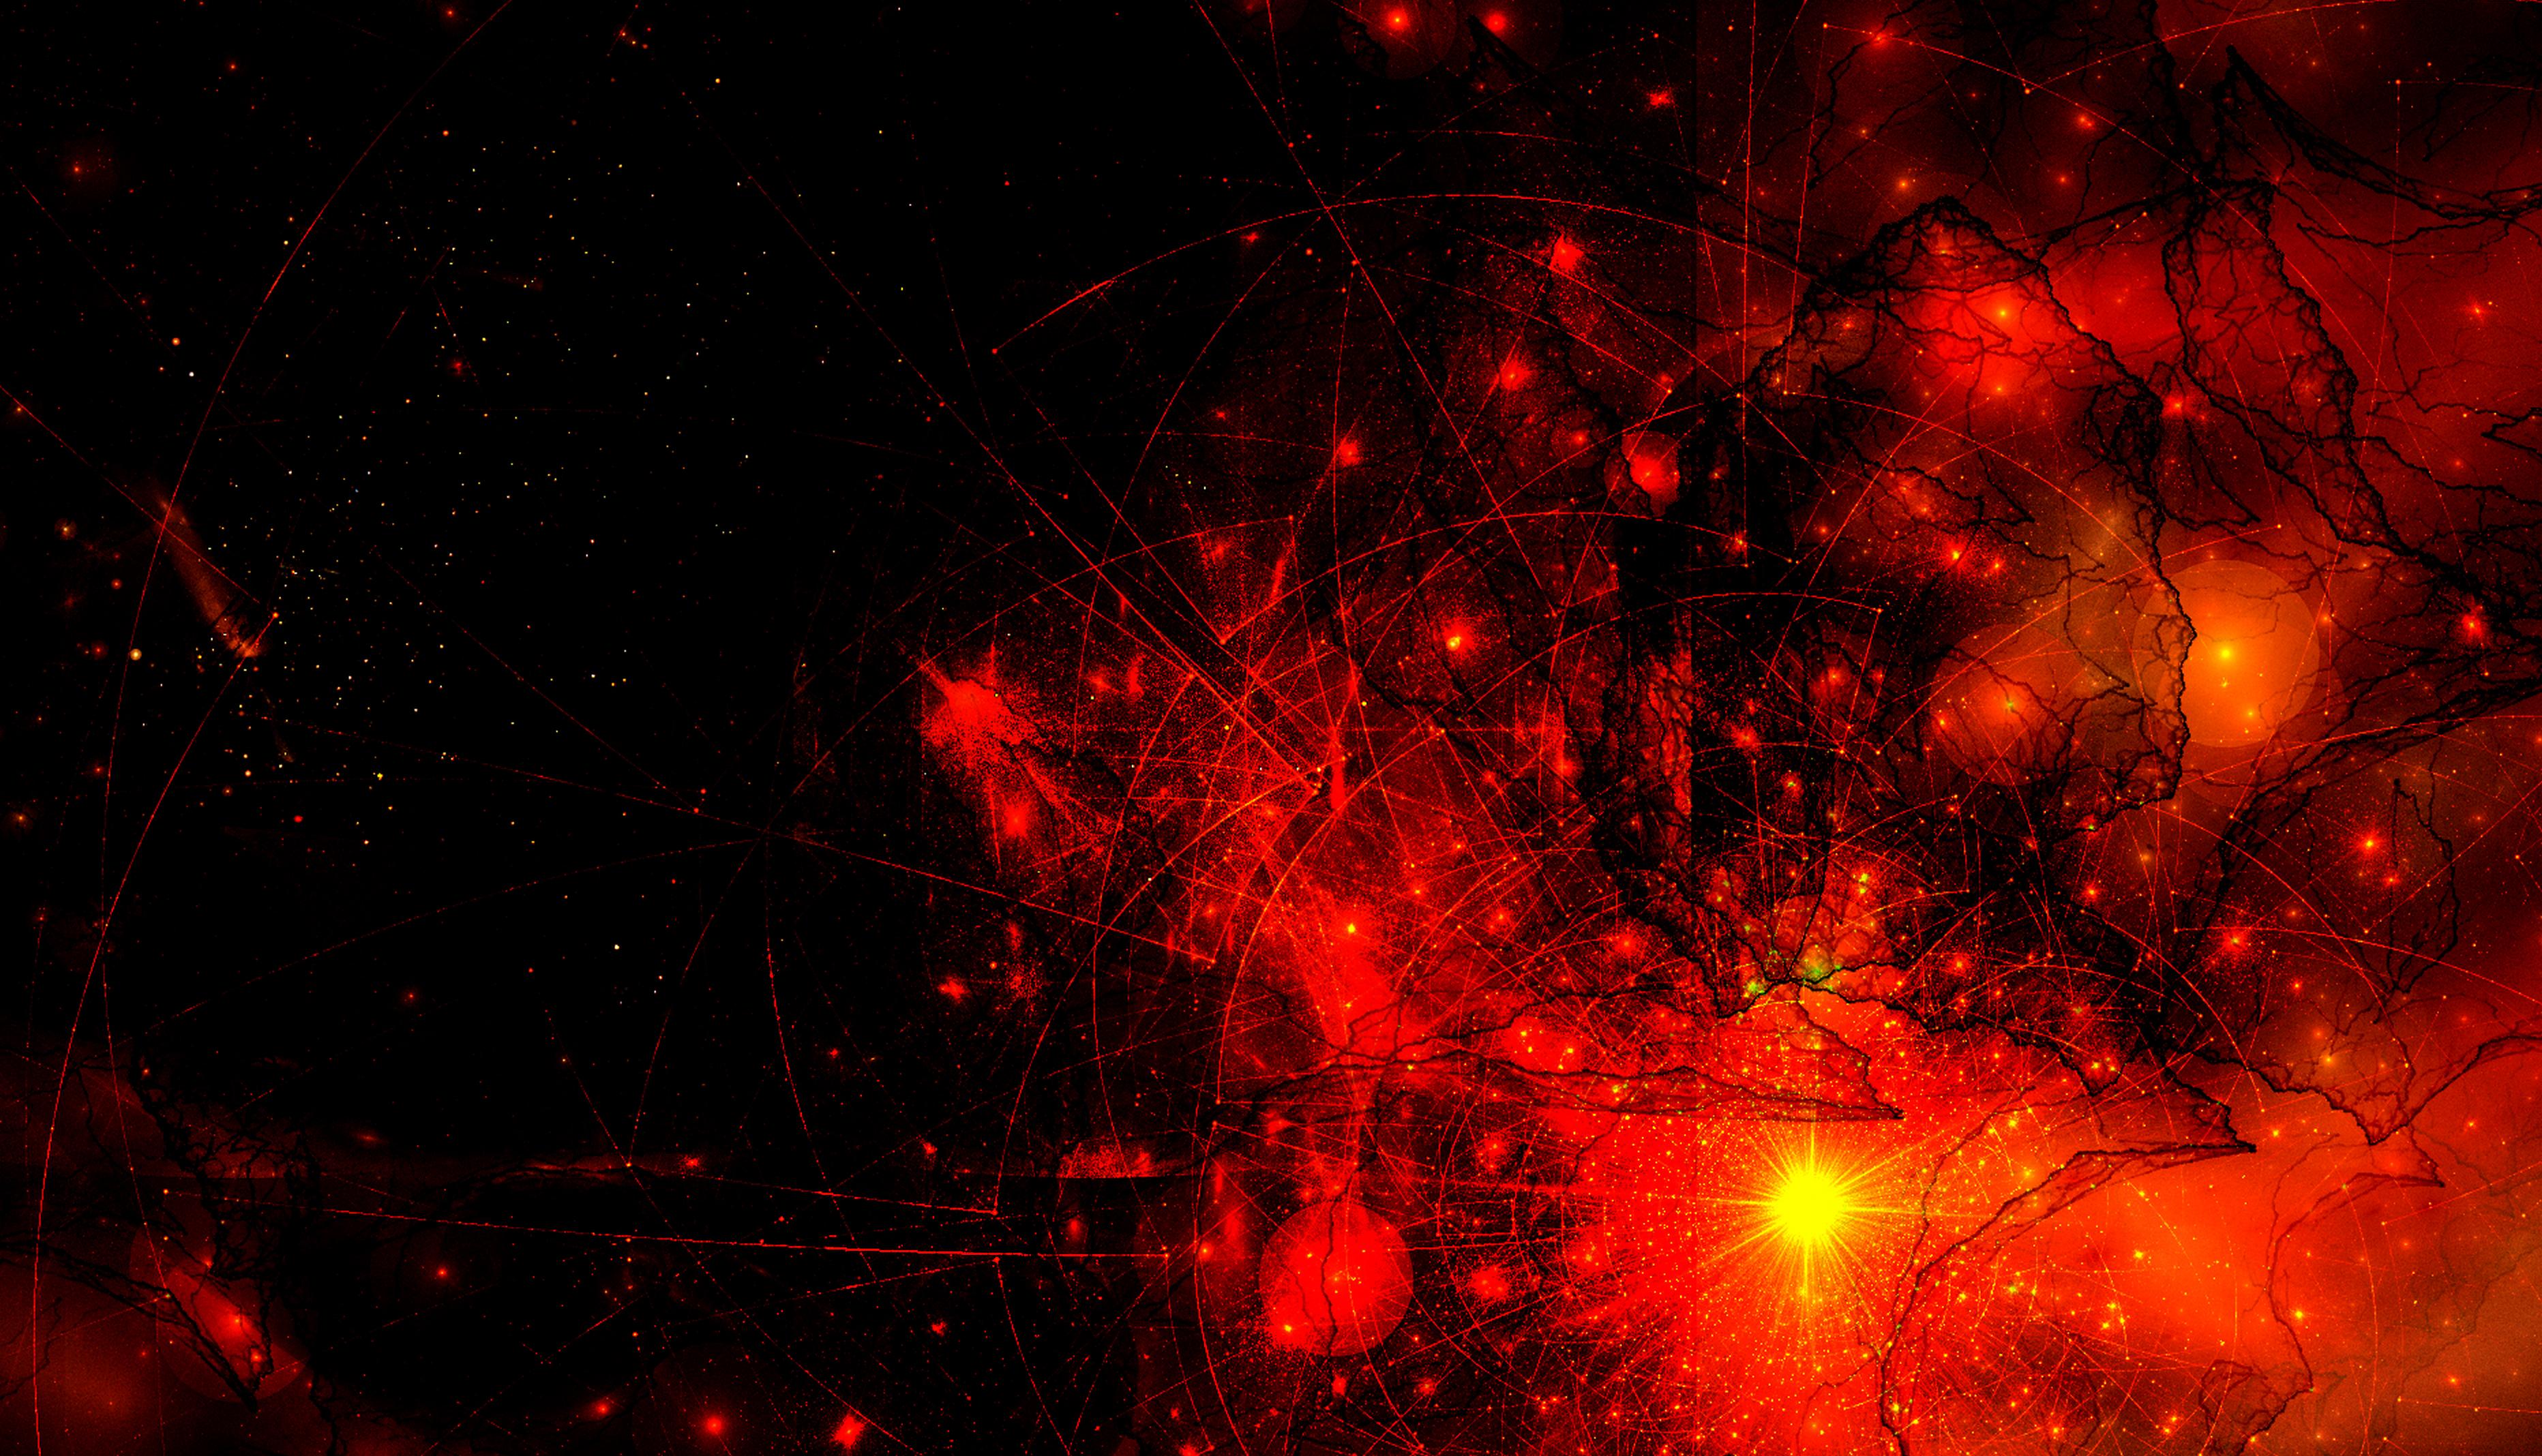 免費下載 62786: 抽象, 强光, 高光, 明亮的, 明亮, 闪光, 闪光灯, 辉光, 发光 桌面壁紙